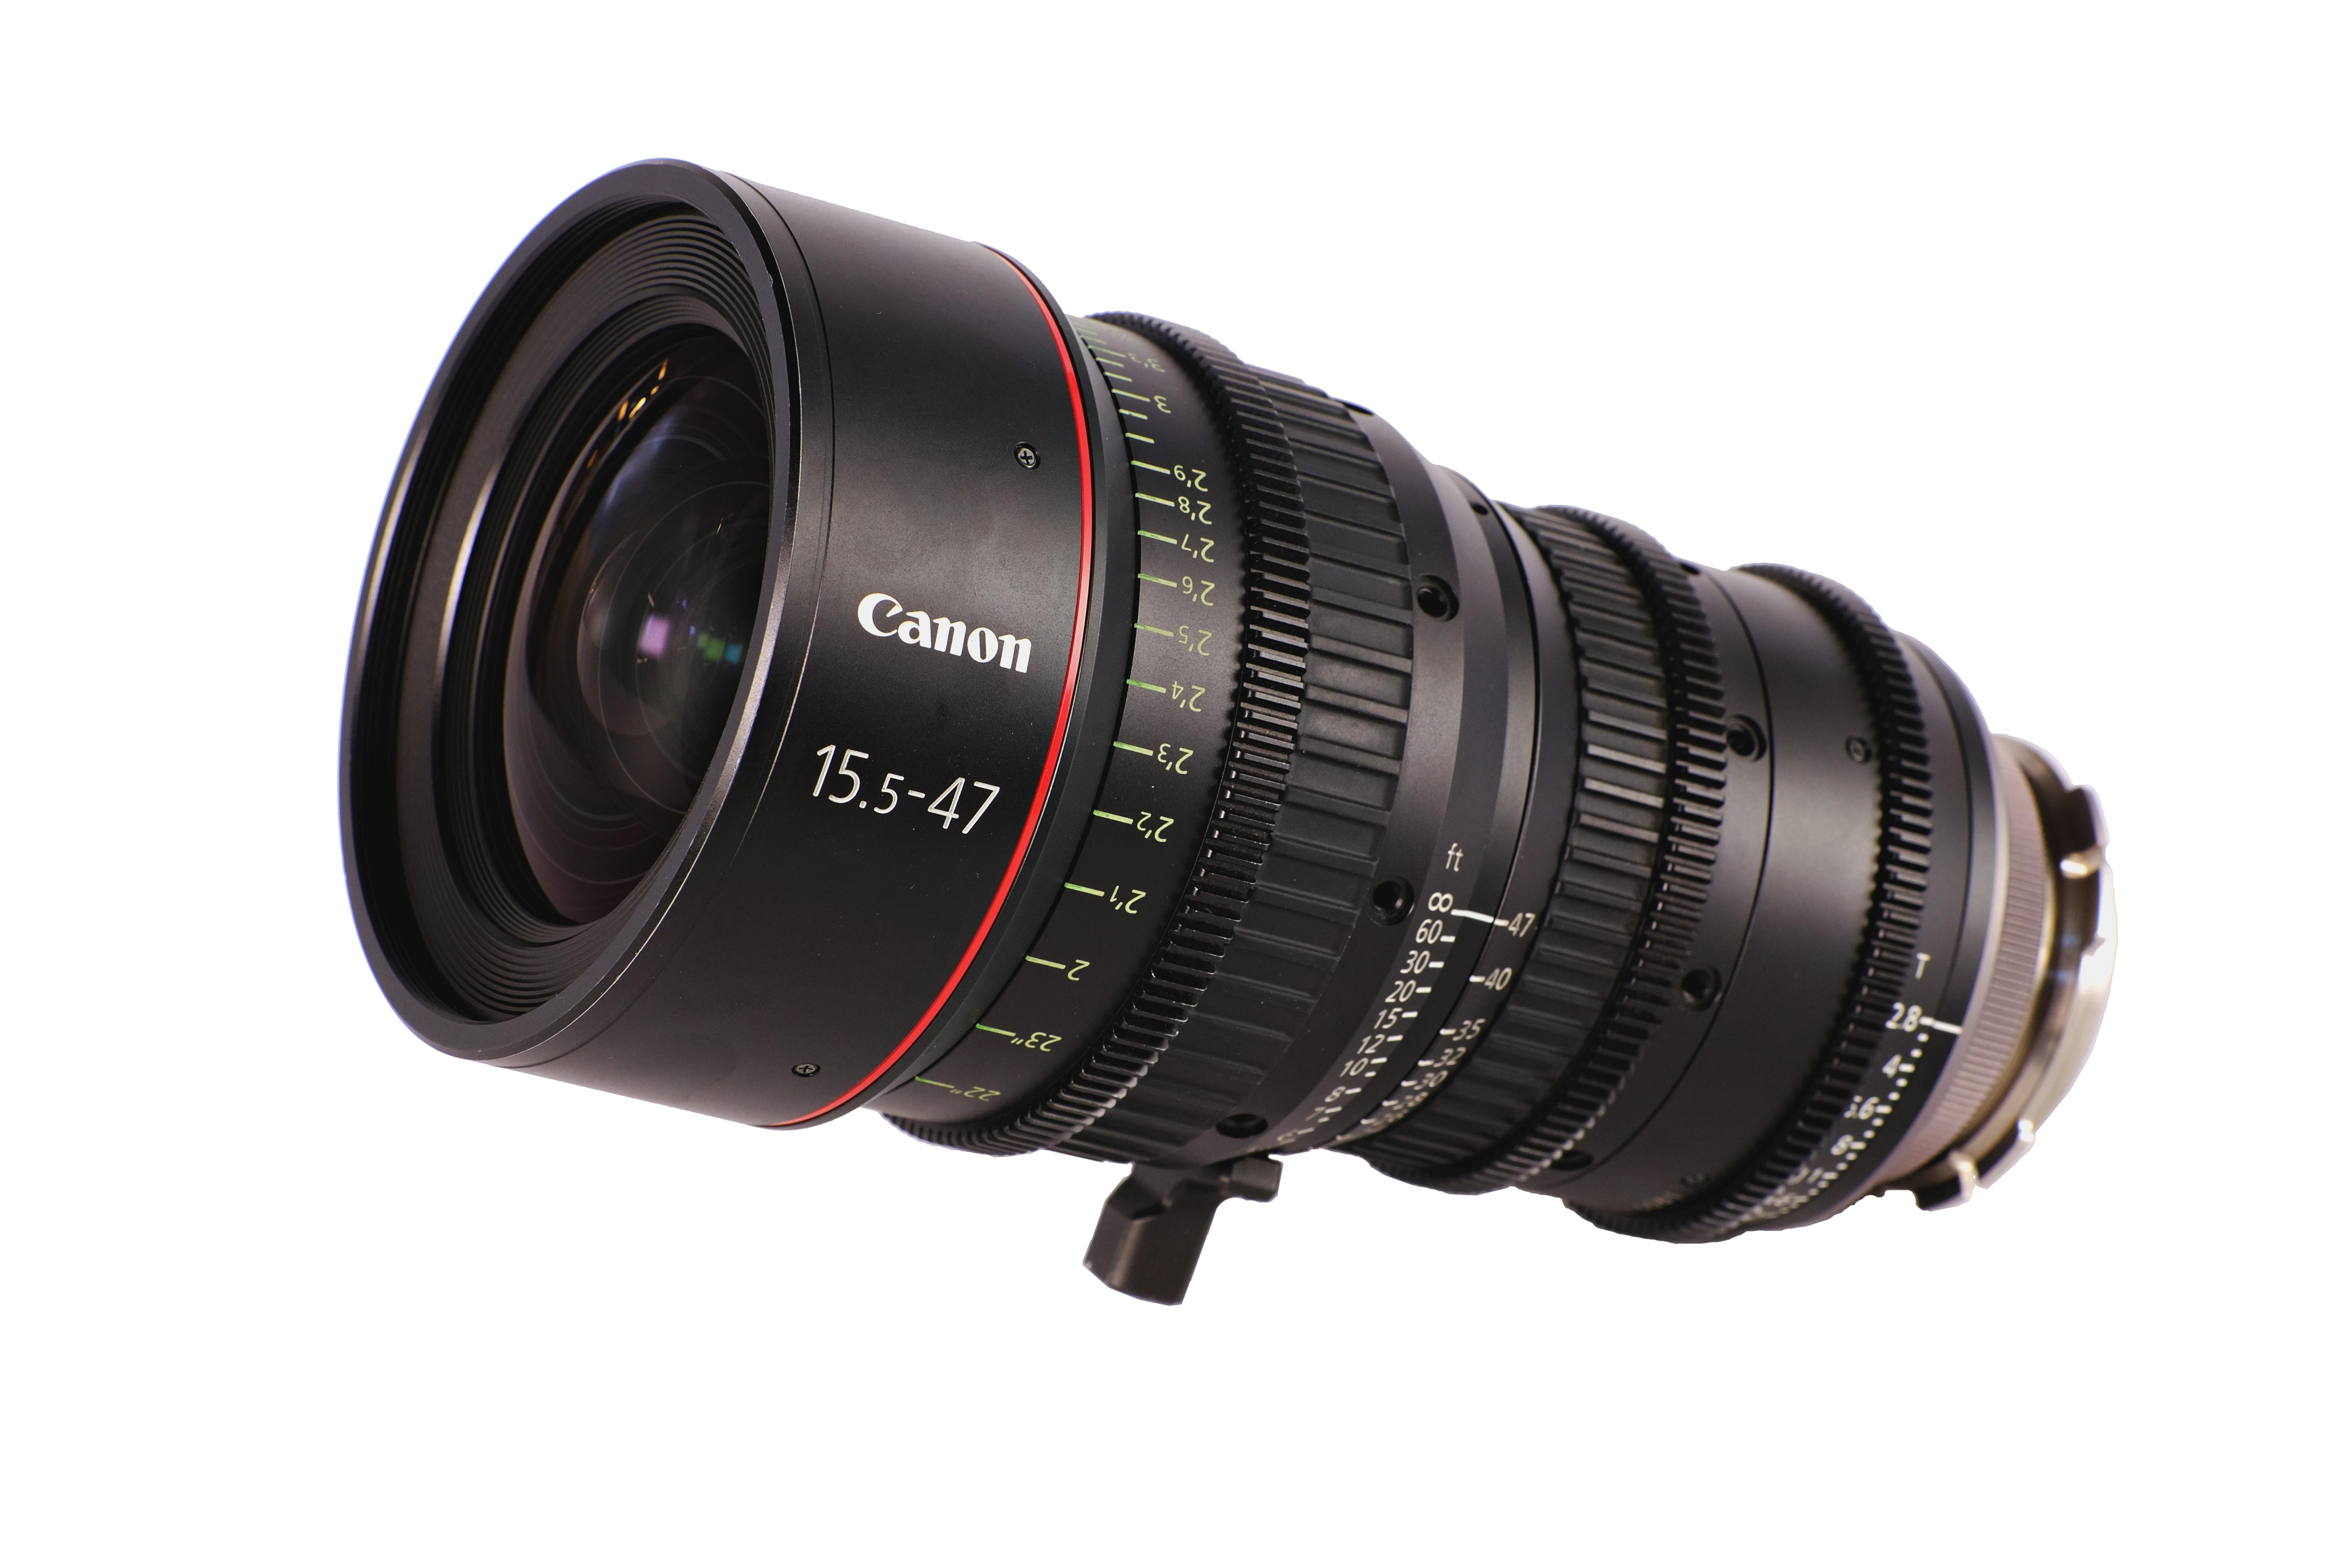 Canon CN-E 15.5-47mm T2.8 Zoom